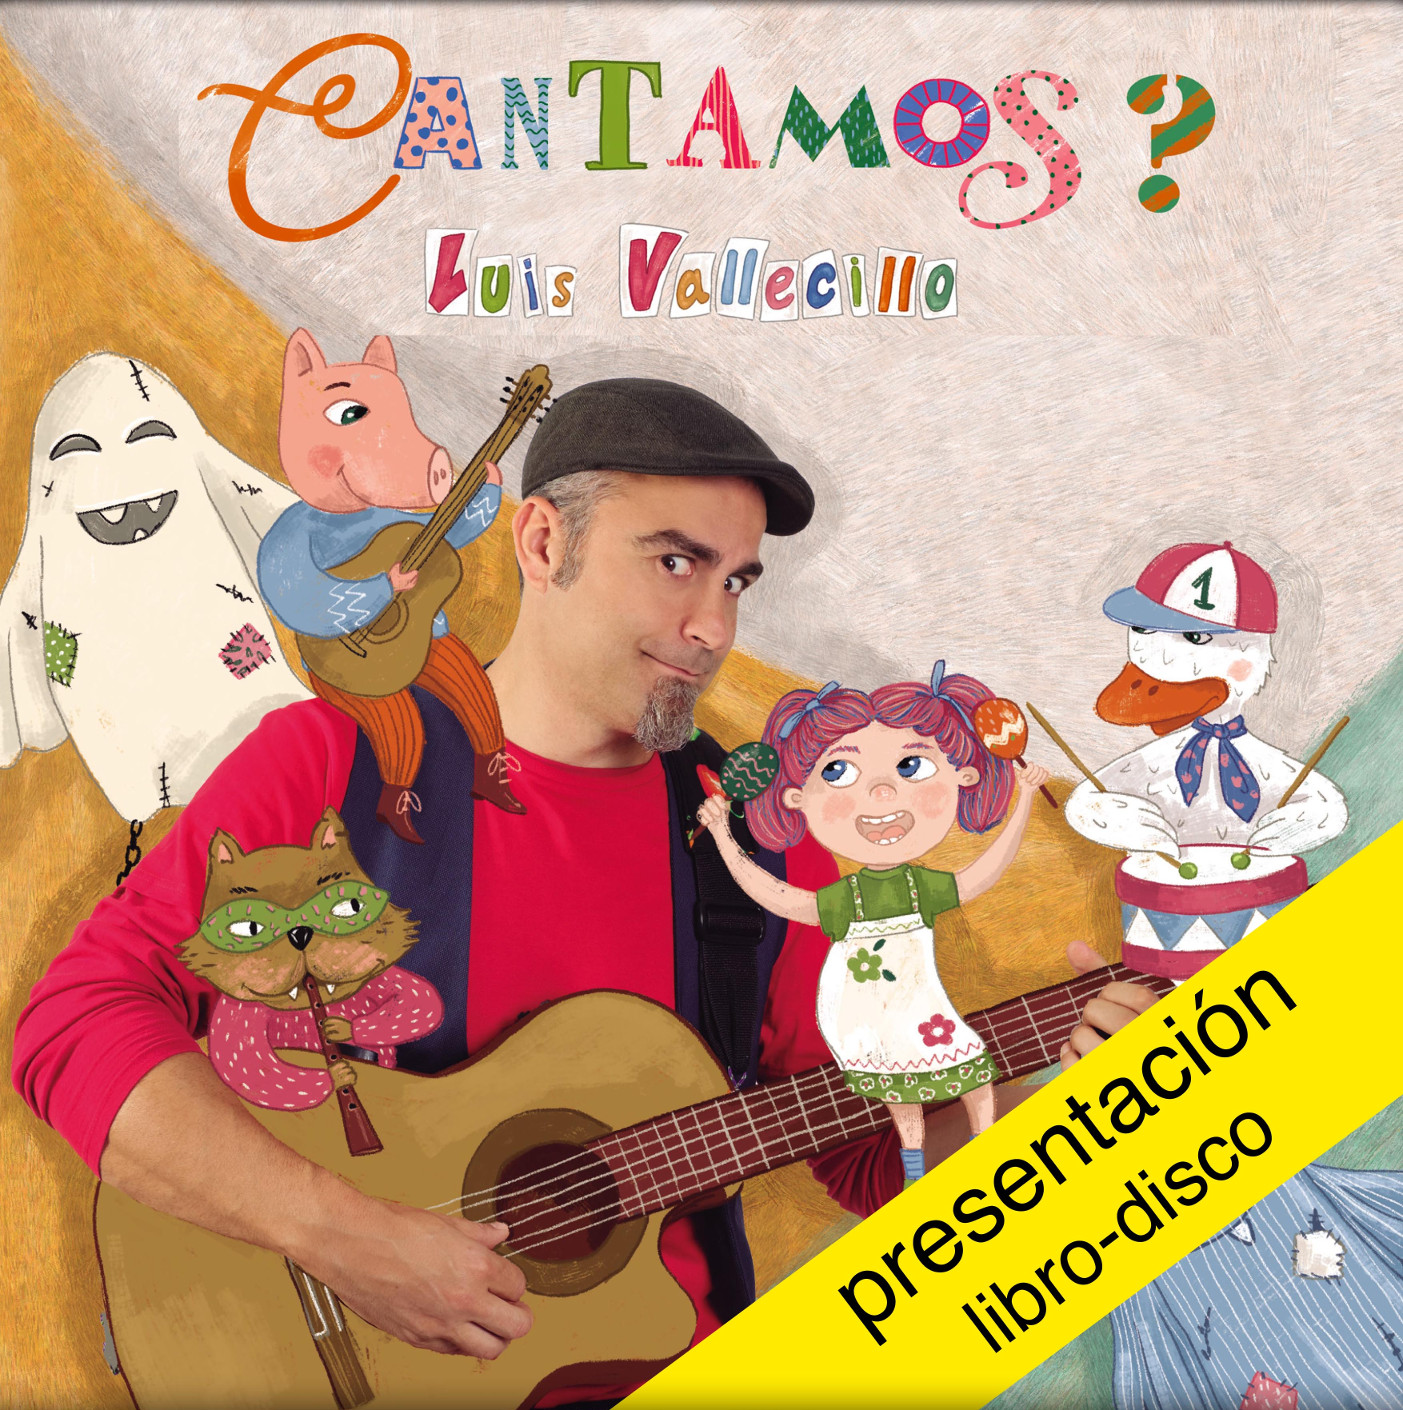 Luís Vallecillo musica contos clásicos en <i>Cantamos?</i>